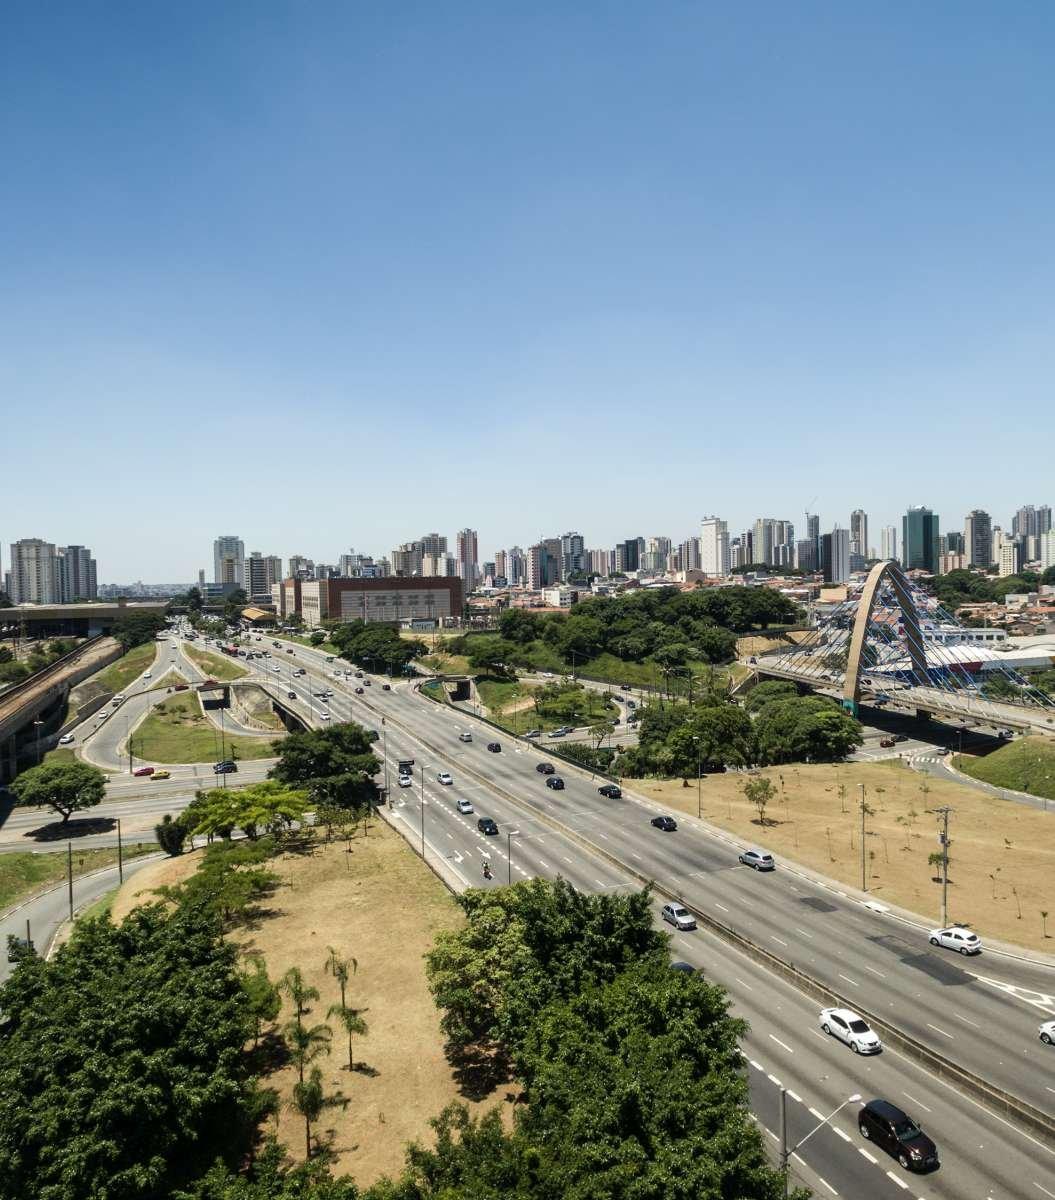 Zona leste de São Paulo: 8 lugares que você não pode perder!